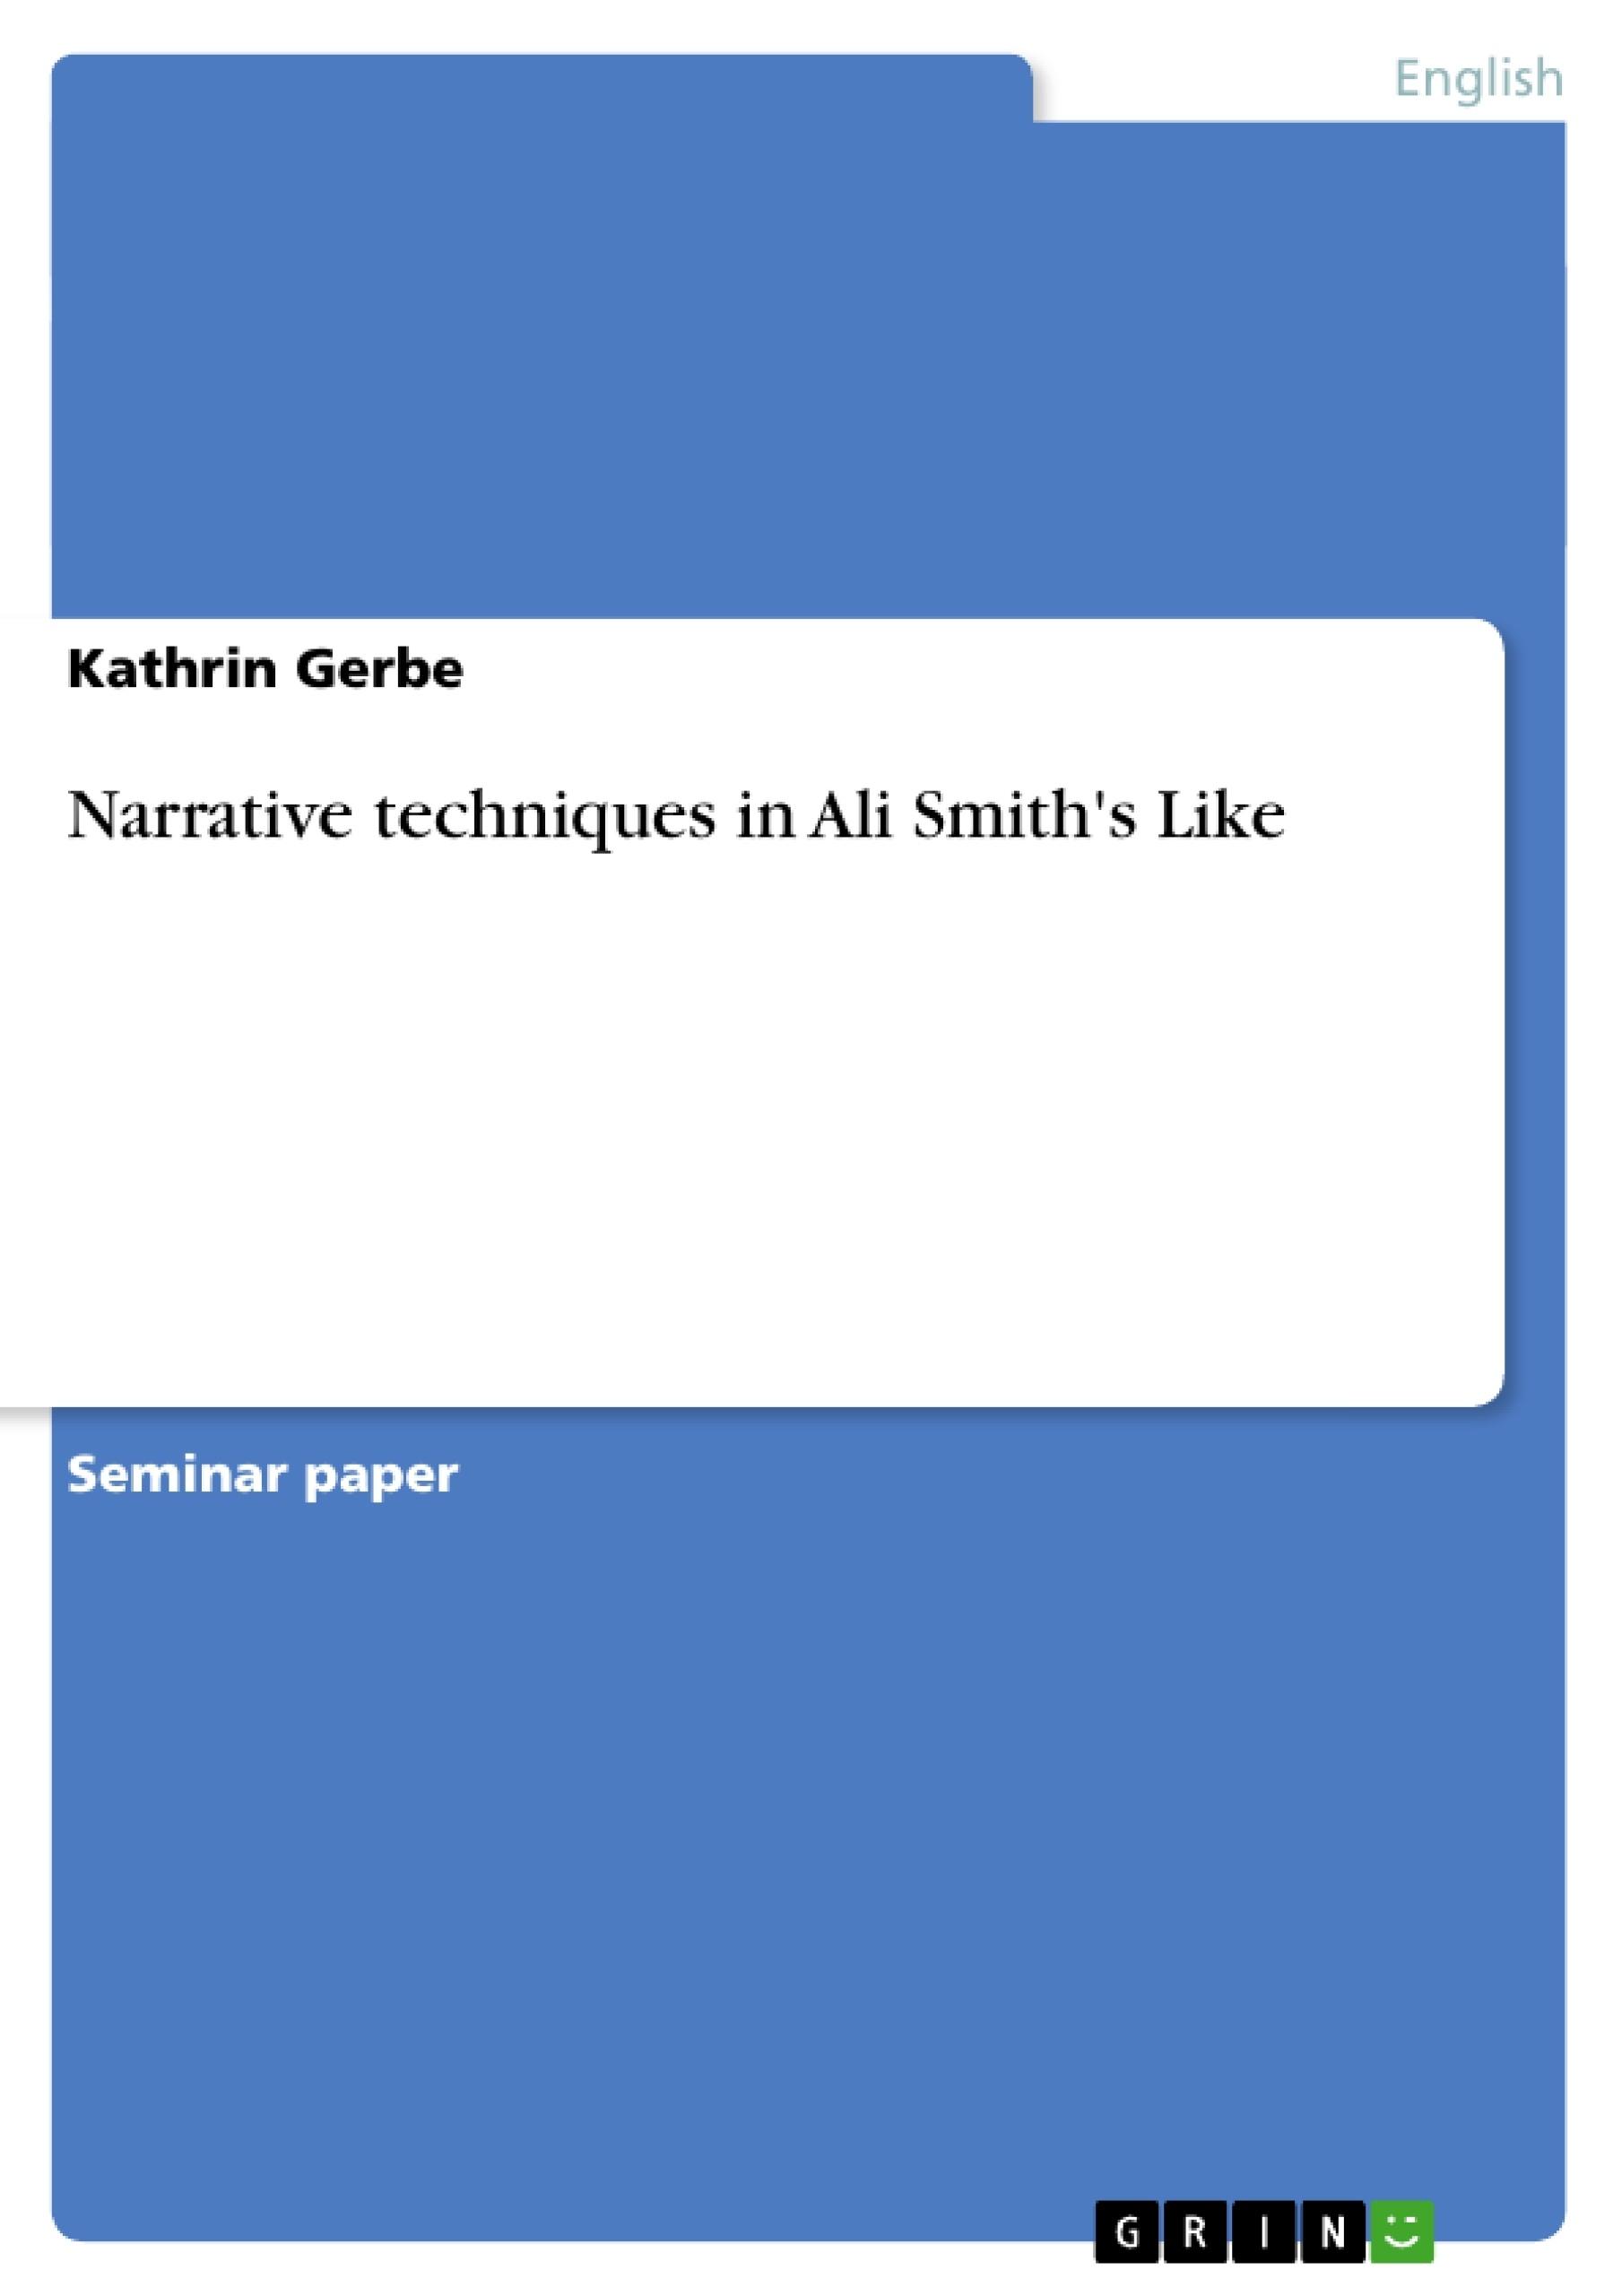 Title: Narrative techniques in Ali Smith's Like